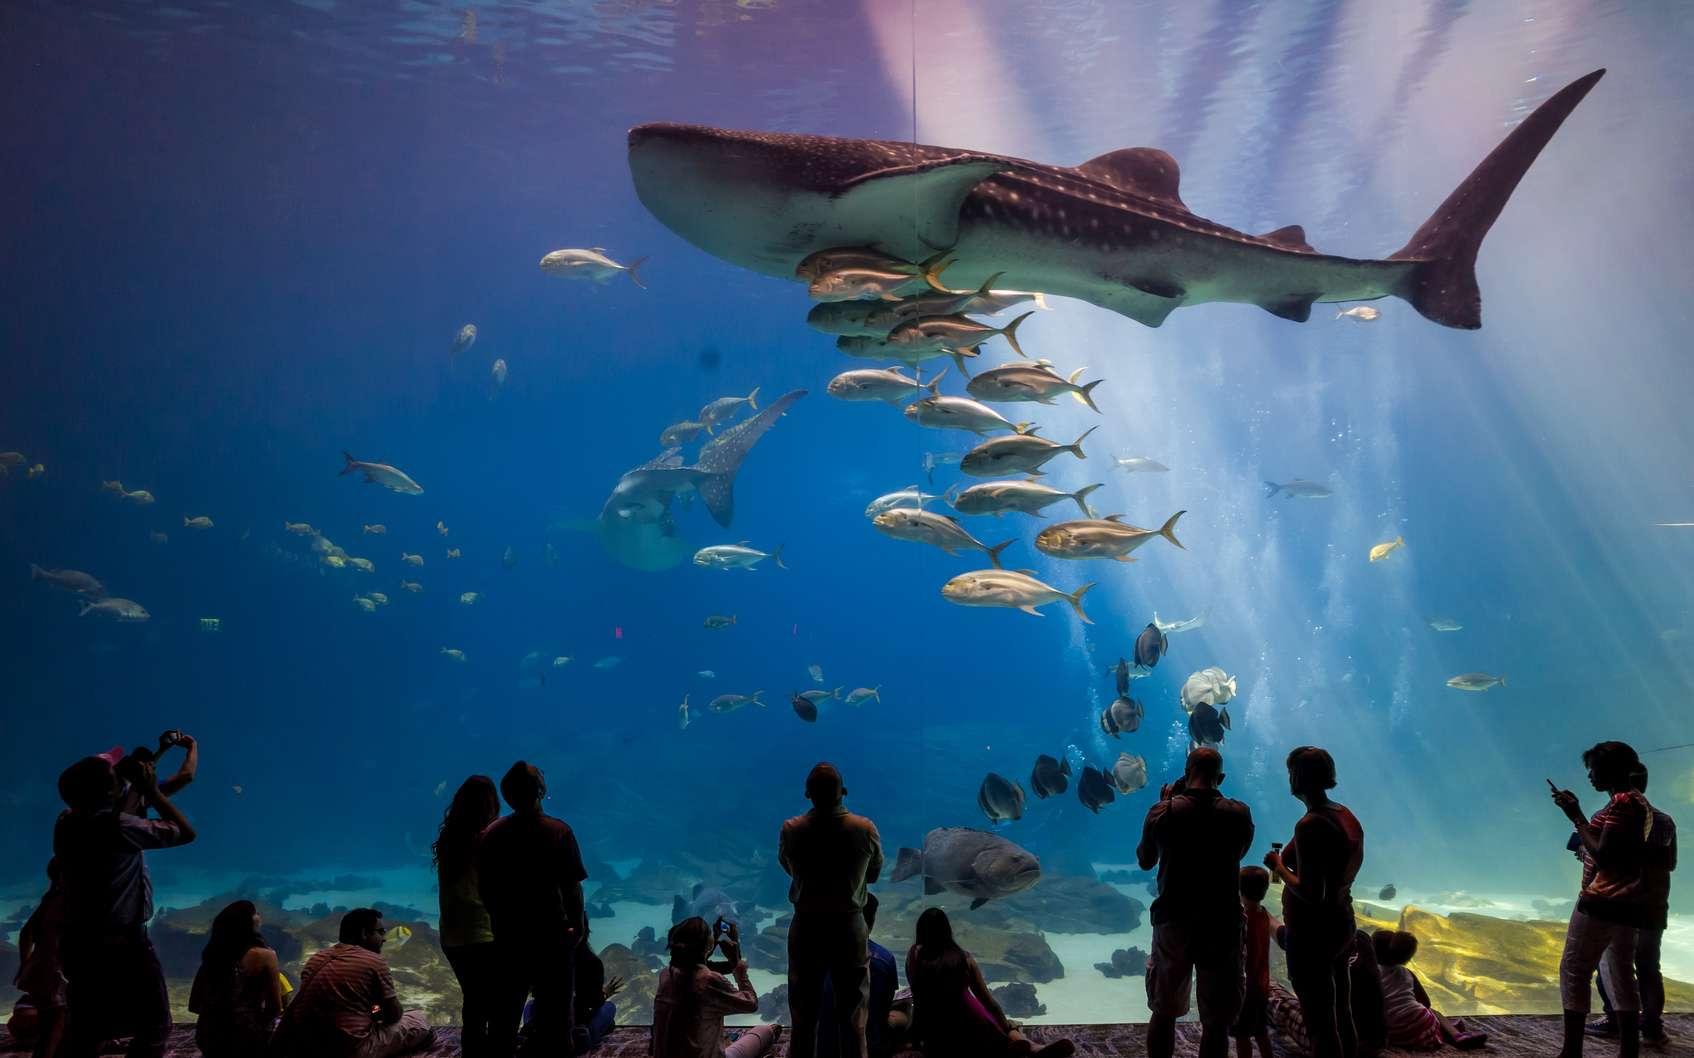 Les aquariums de France permettent de mieux appréhender la vie sous-marine et la faune aquatique. © F11, Fotolia